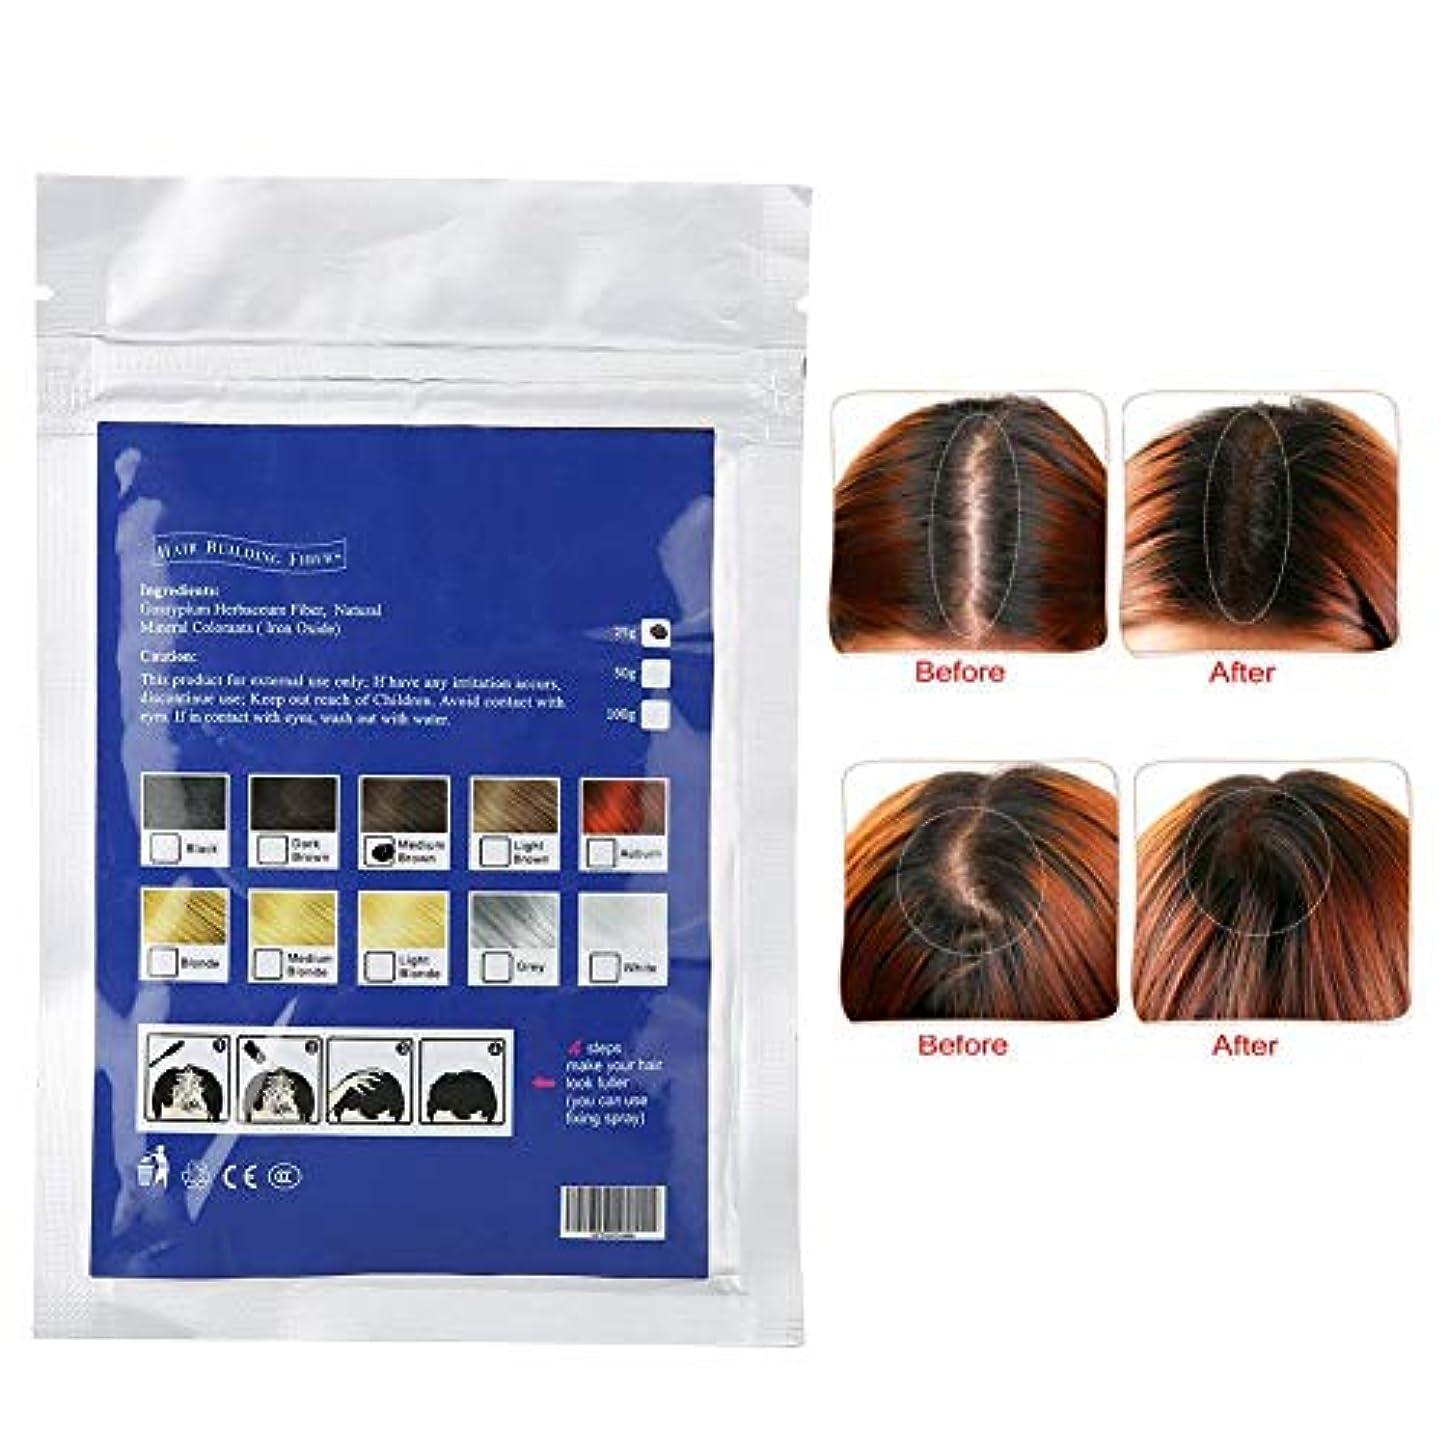 砂漠征服するアジャヘアフィラー、ヘアボリュームパウダー、髪の根元を薄くするためのカバーアップヘアフィラー(3#)